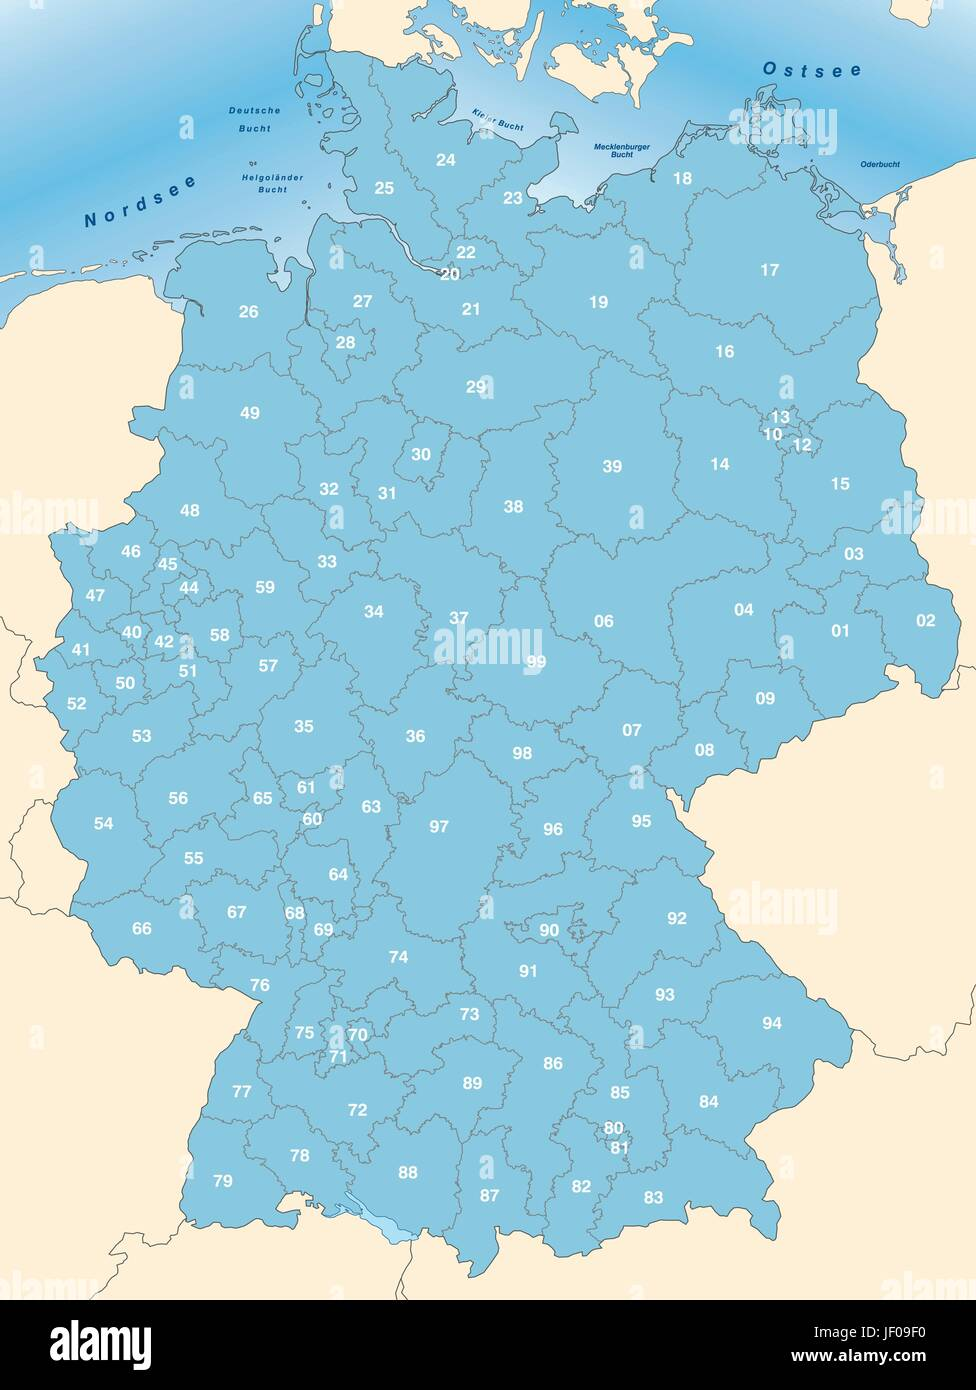 Cartina Cap Germania.Scheda Mail Frontiere Cap Atlas Mappa Del Mondo Mappa Mappa Della Germania Immagine E Vettoriale Alamy